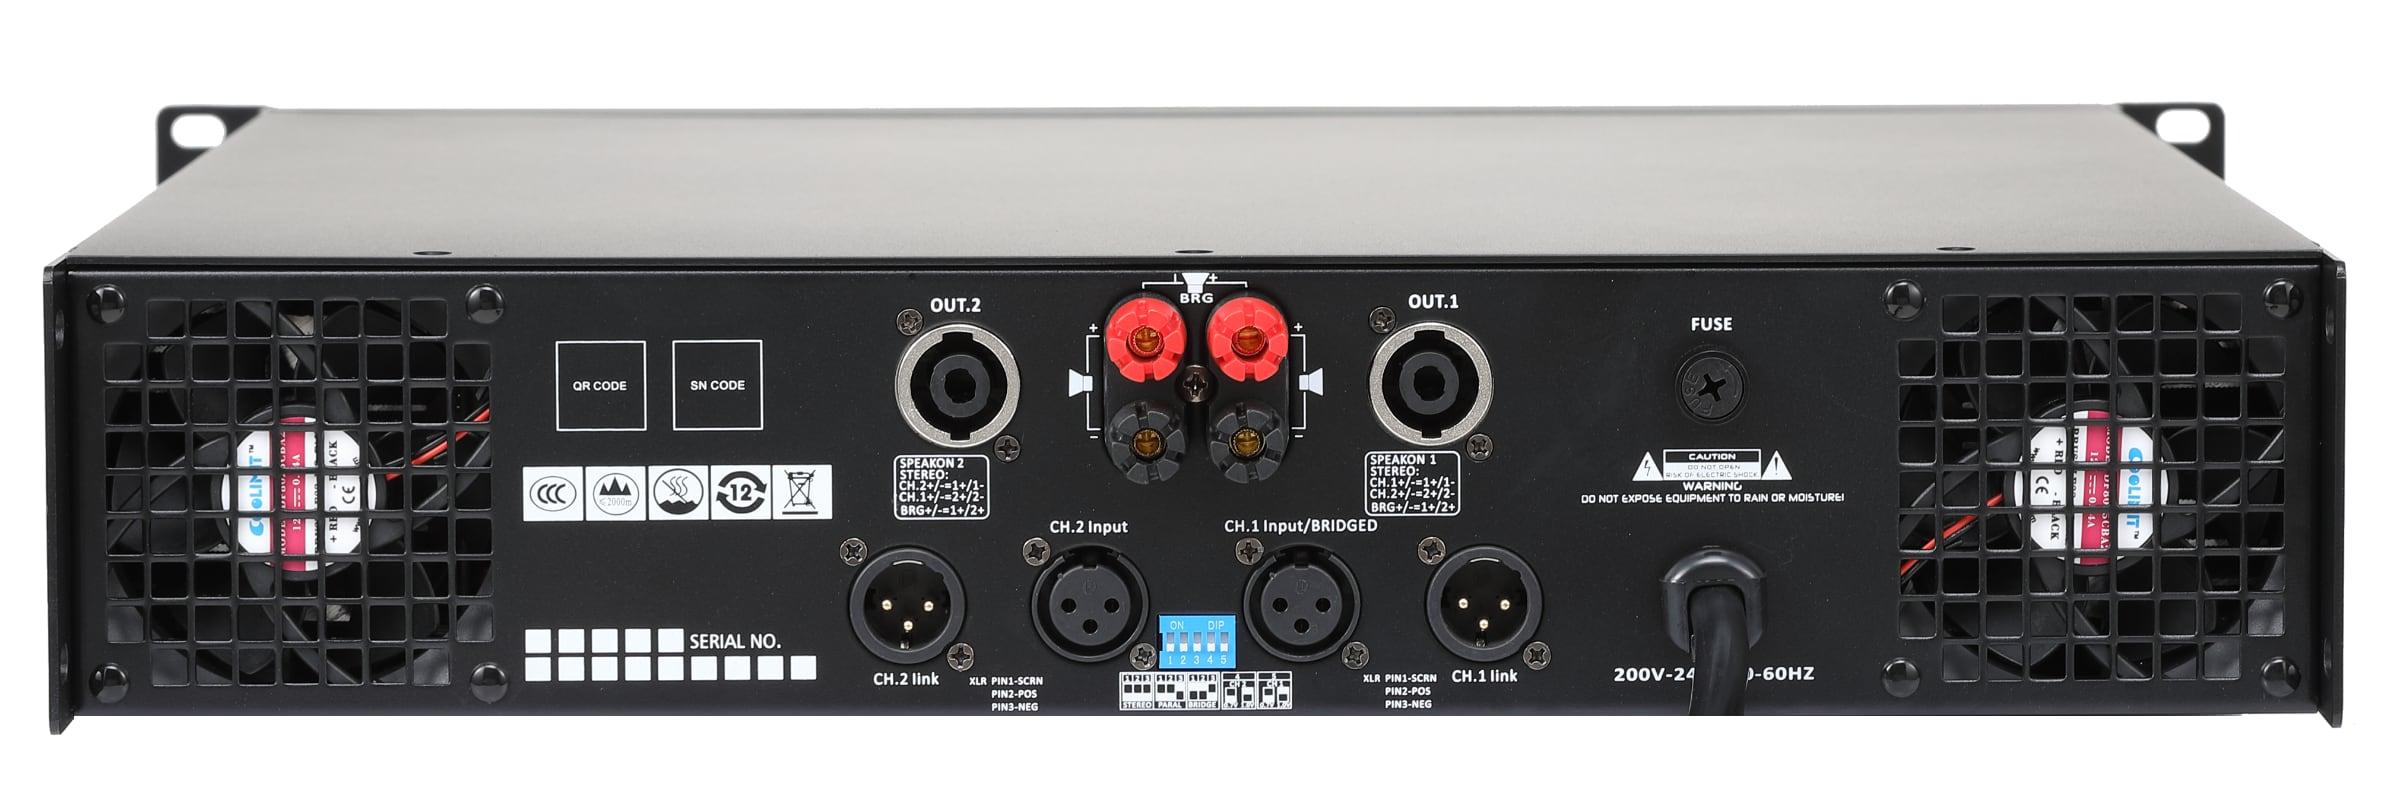 Công suất DX-8002